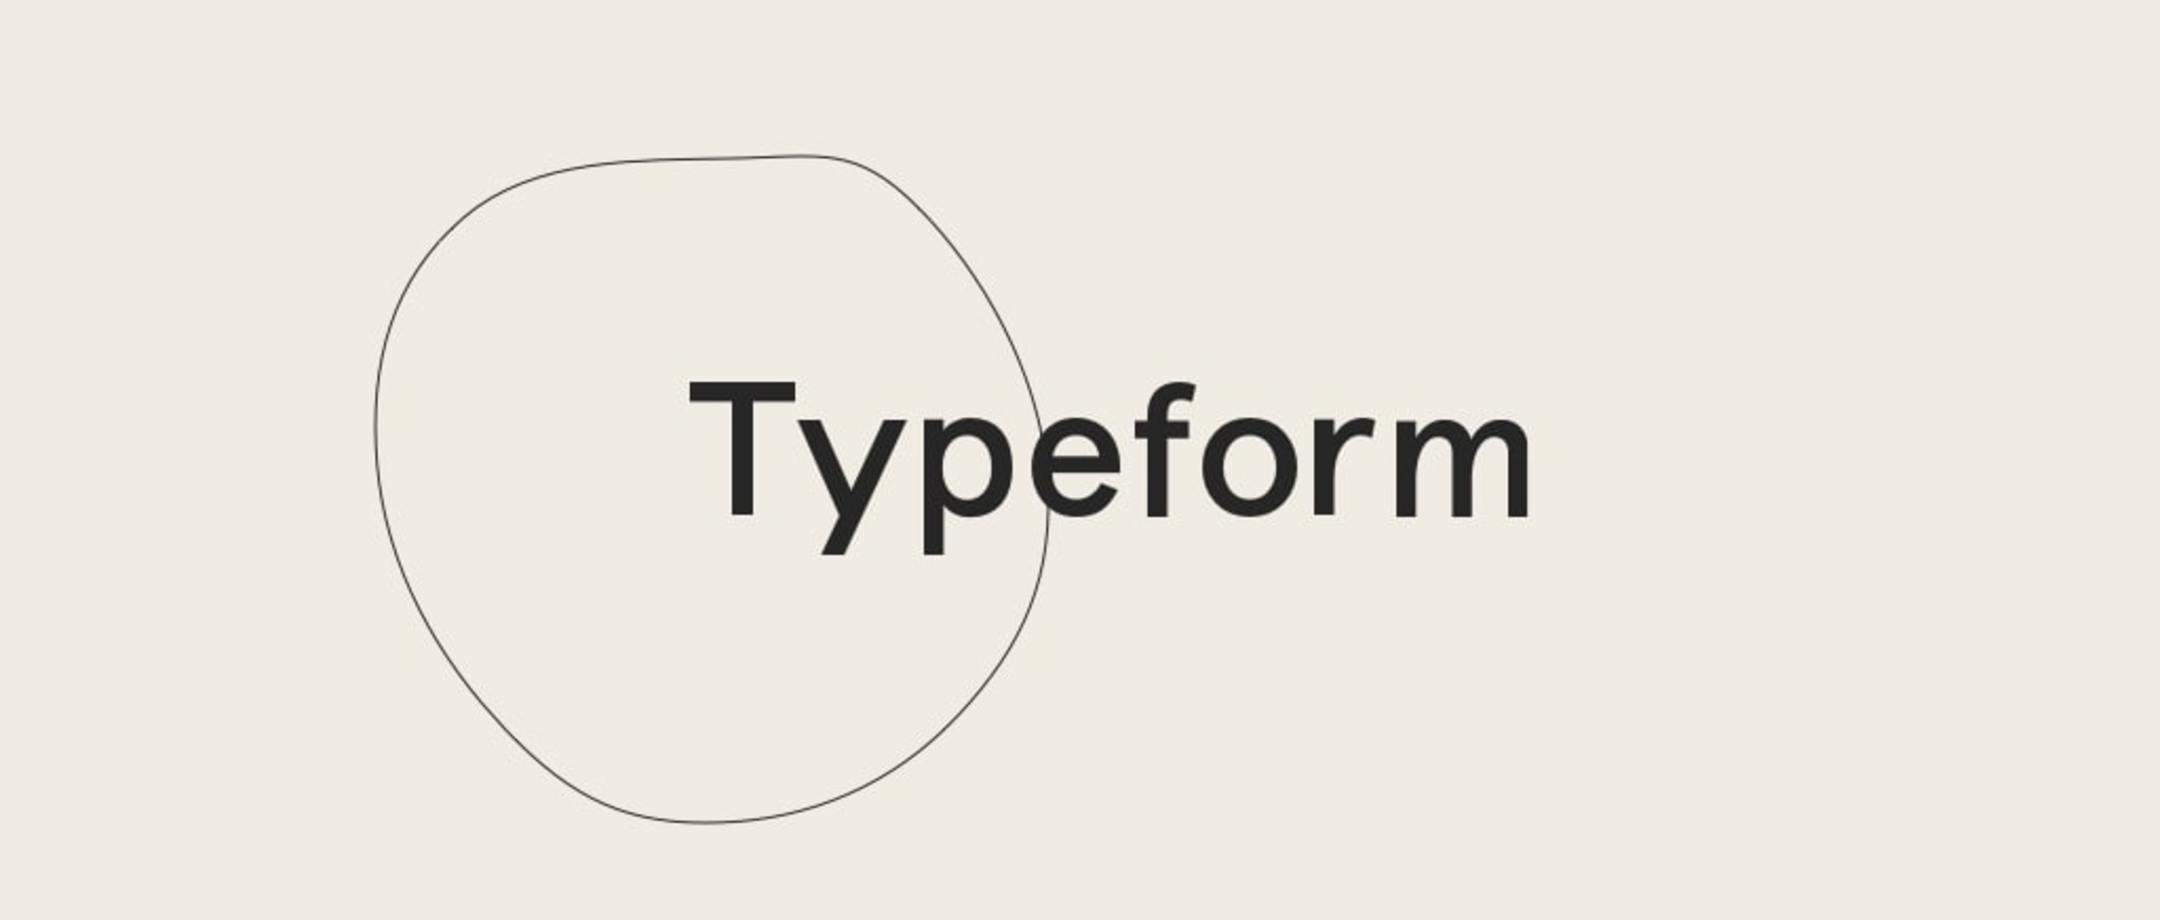 Typeform (タイプフォーム)